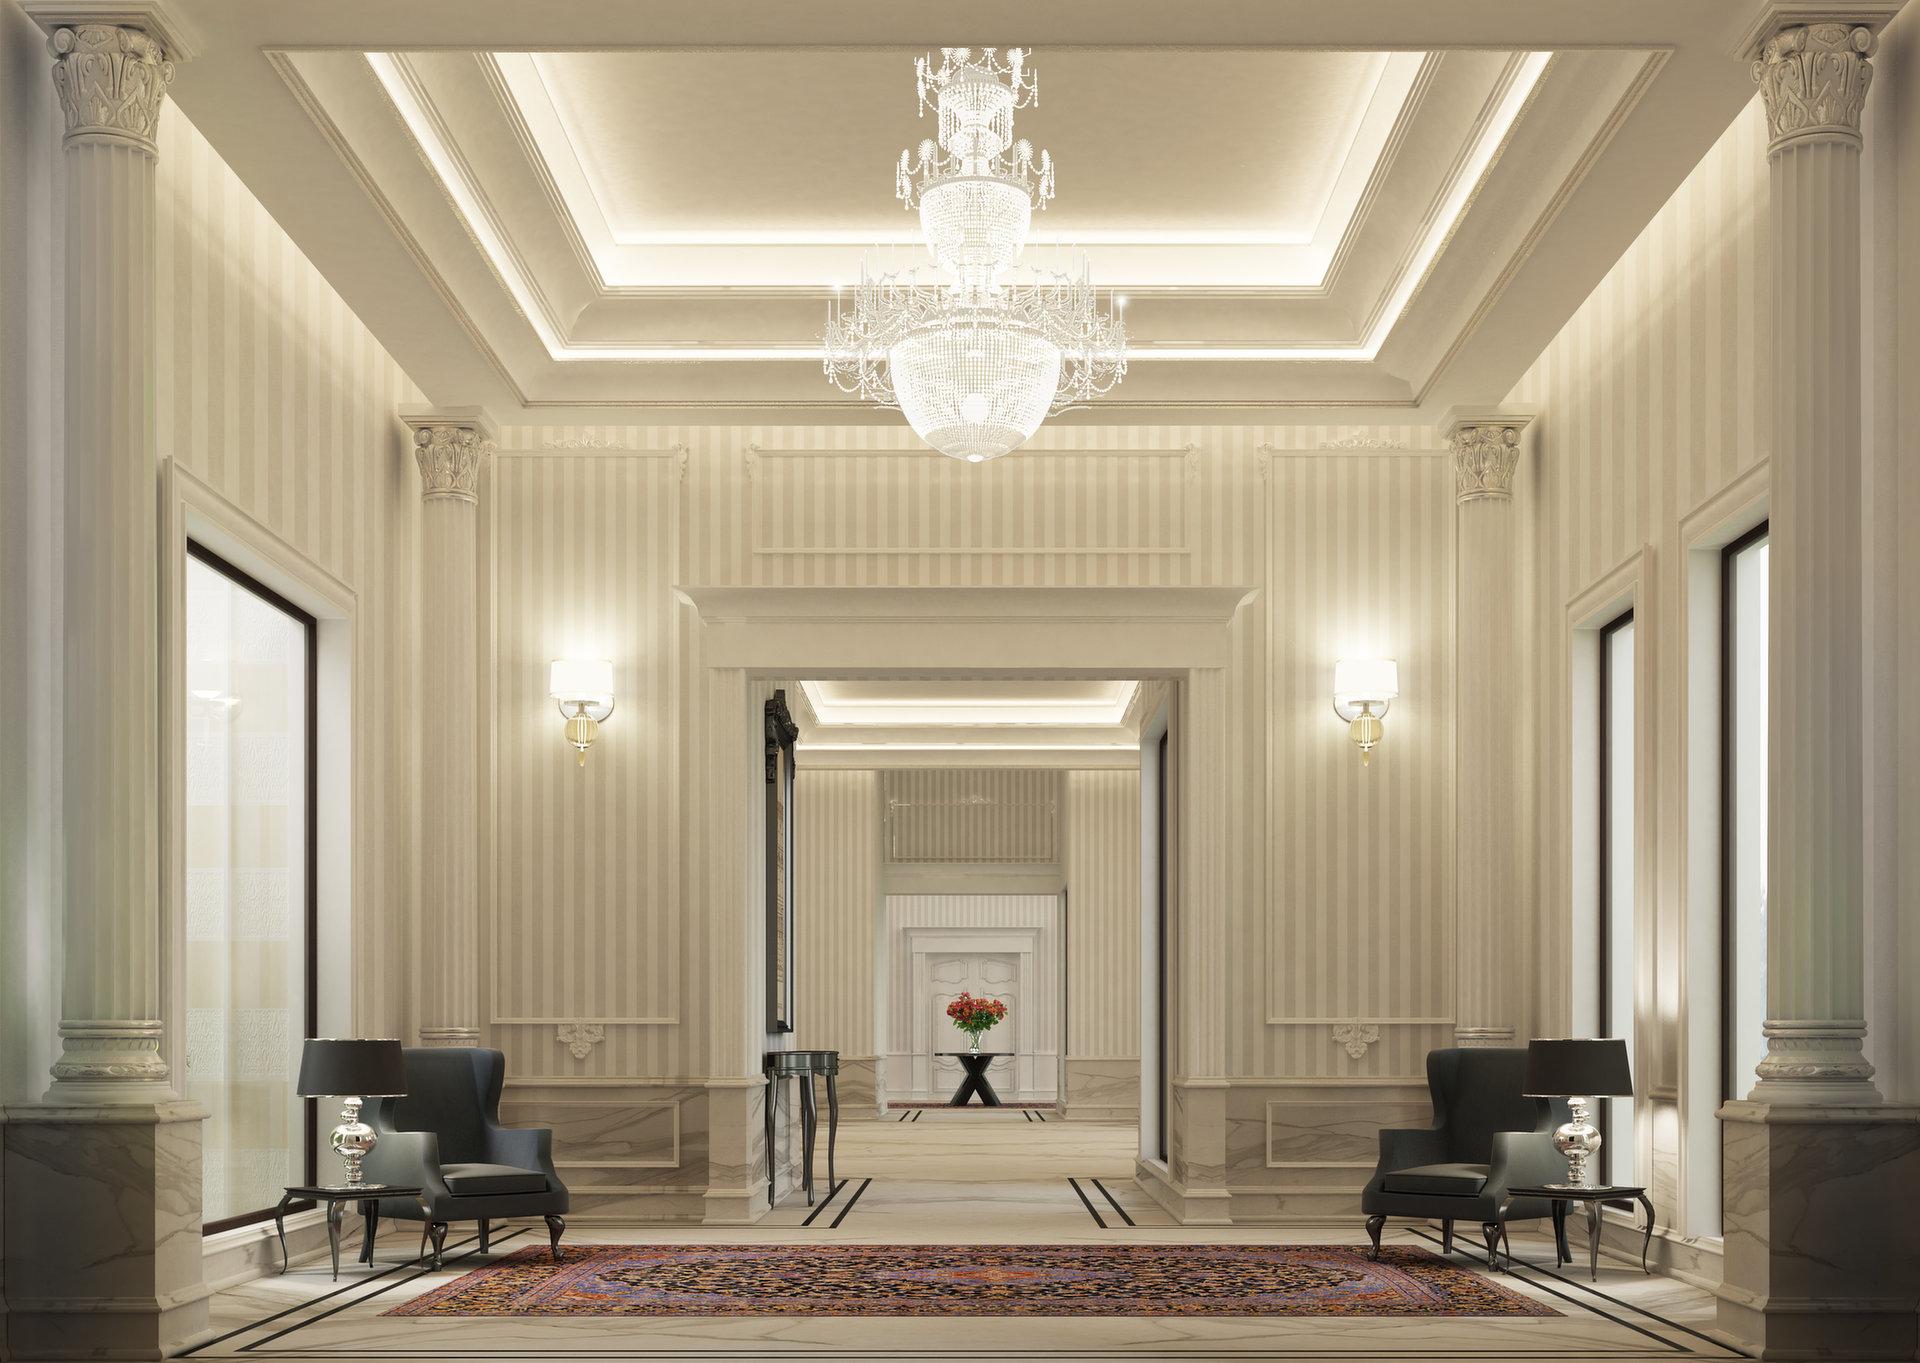 Lounge Room Interior  Design Ideas